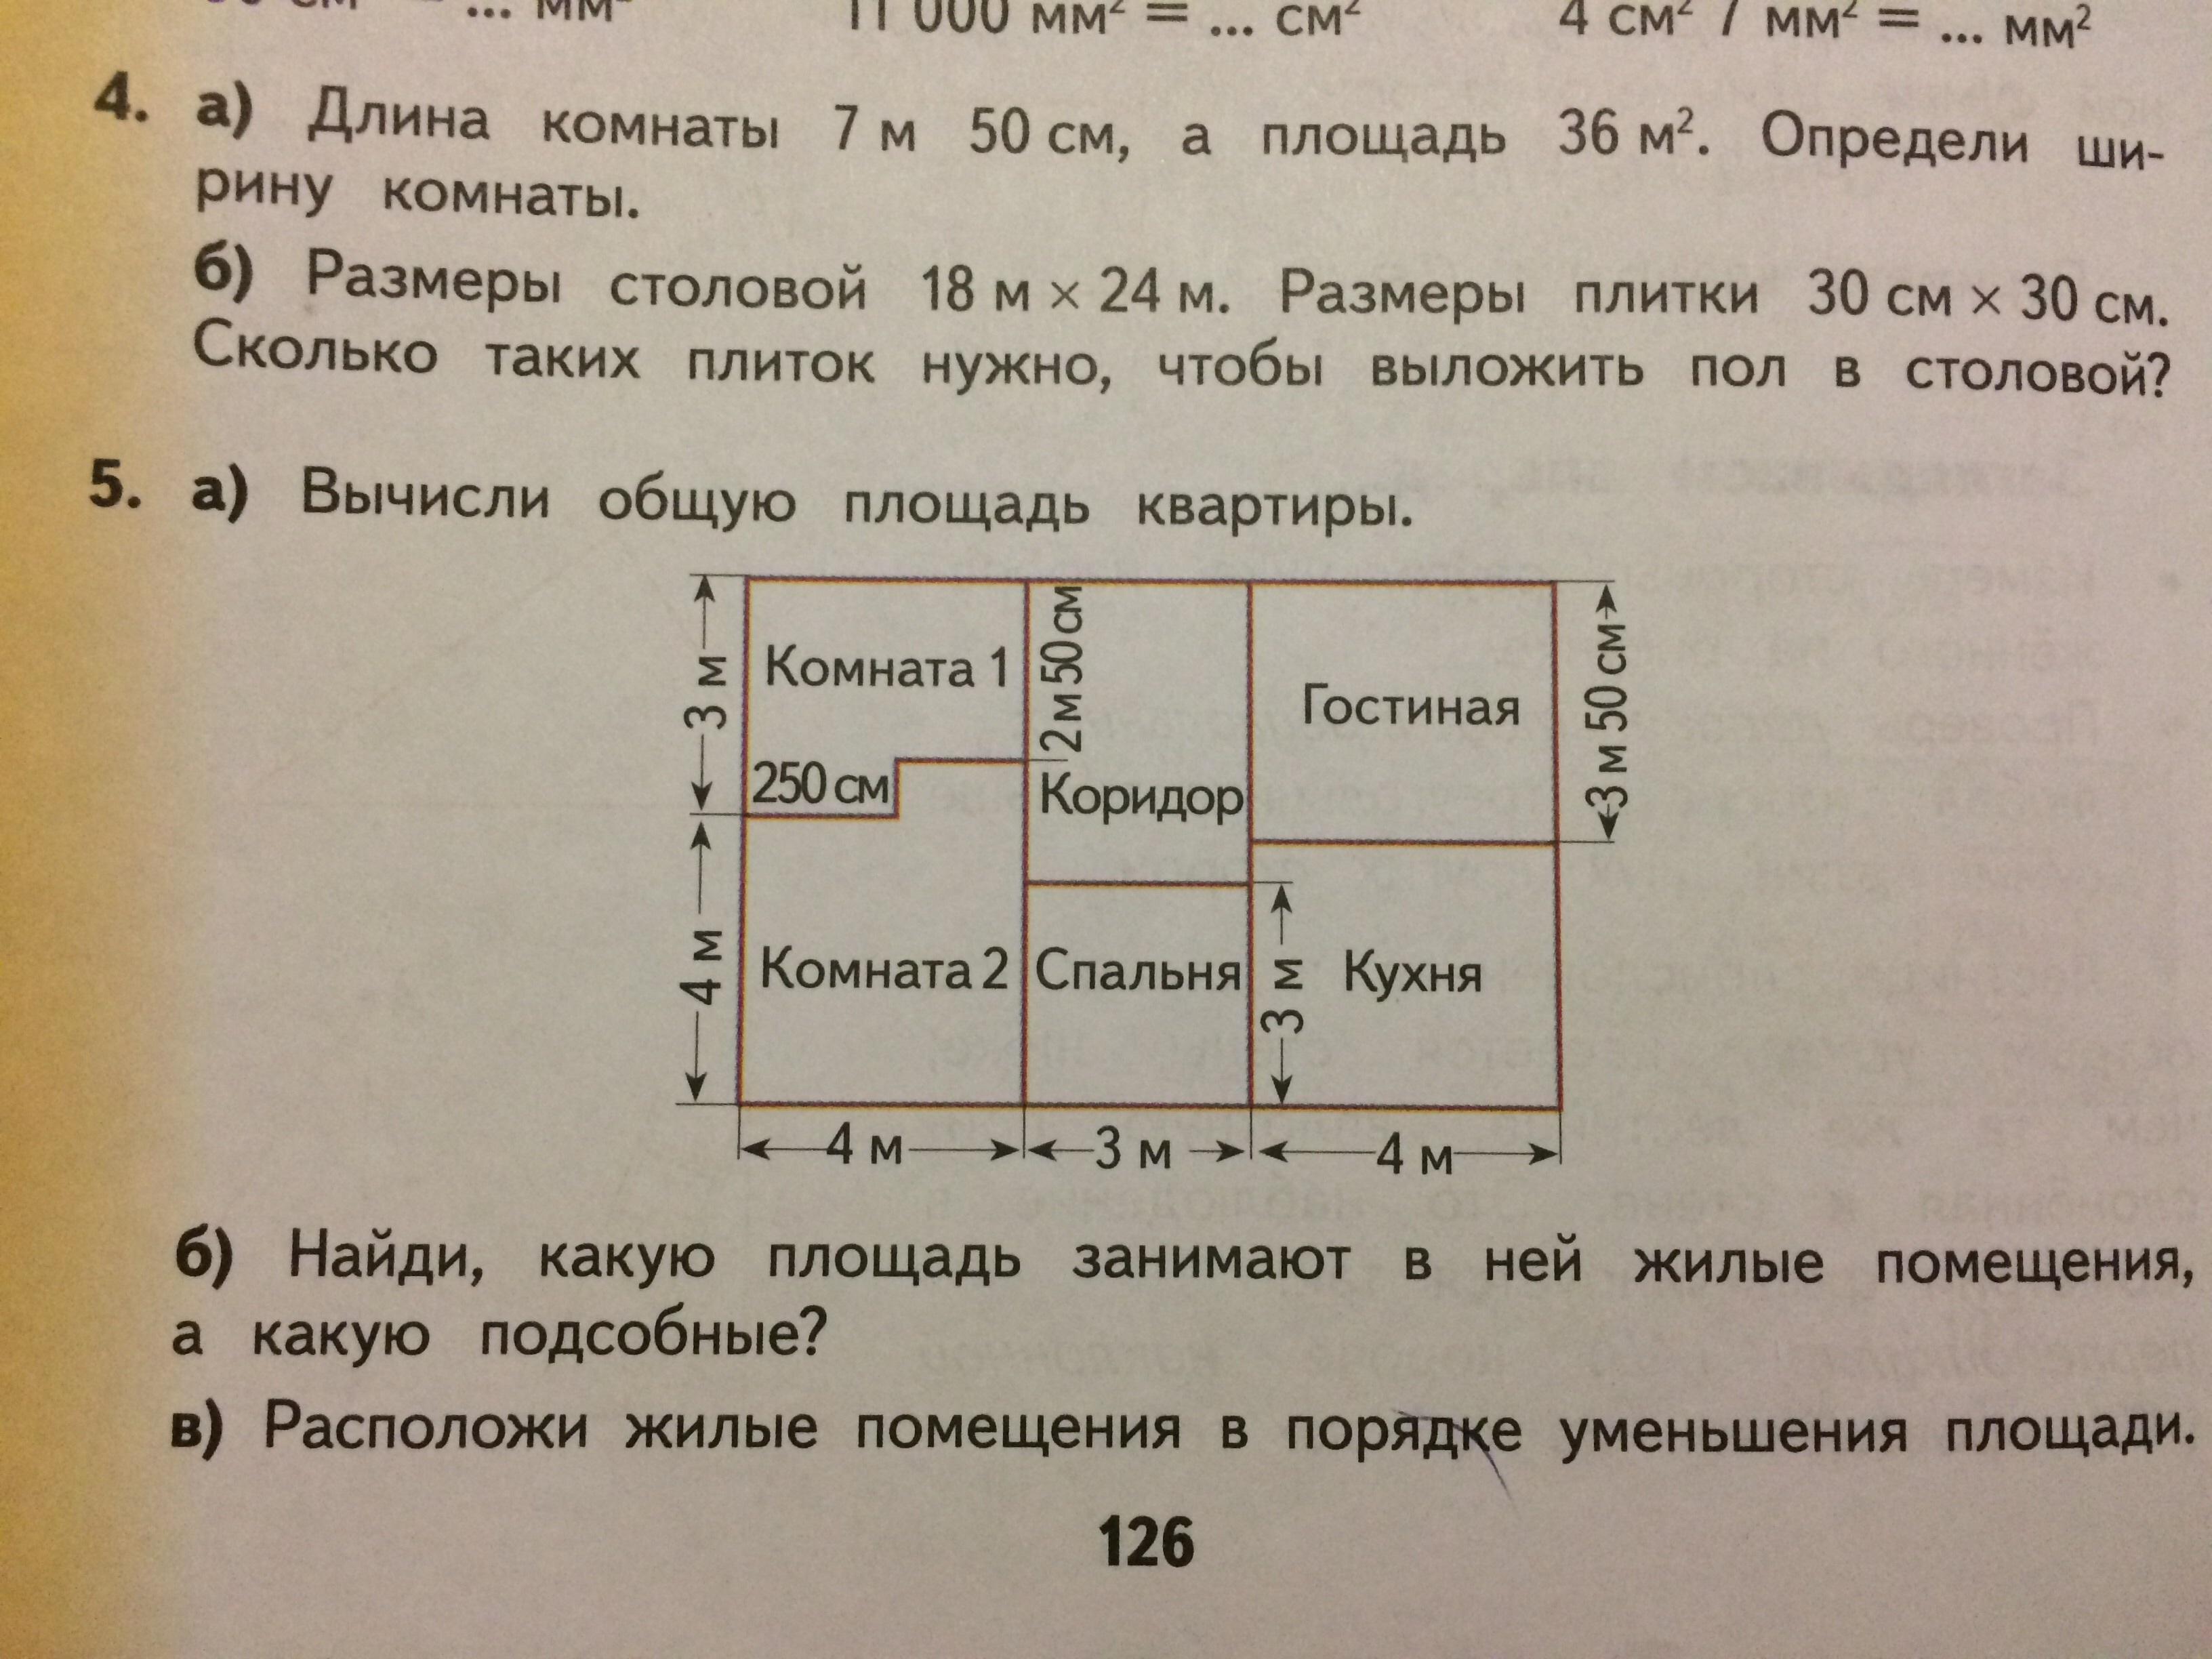 какую площадь занимает рф